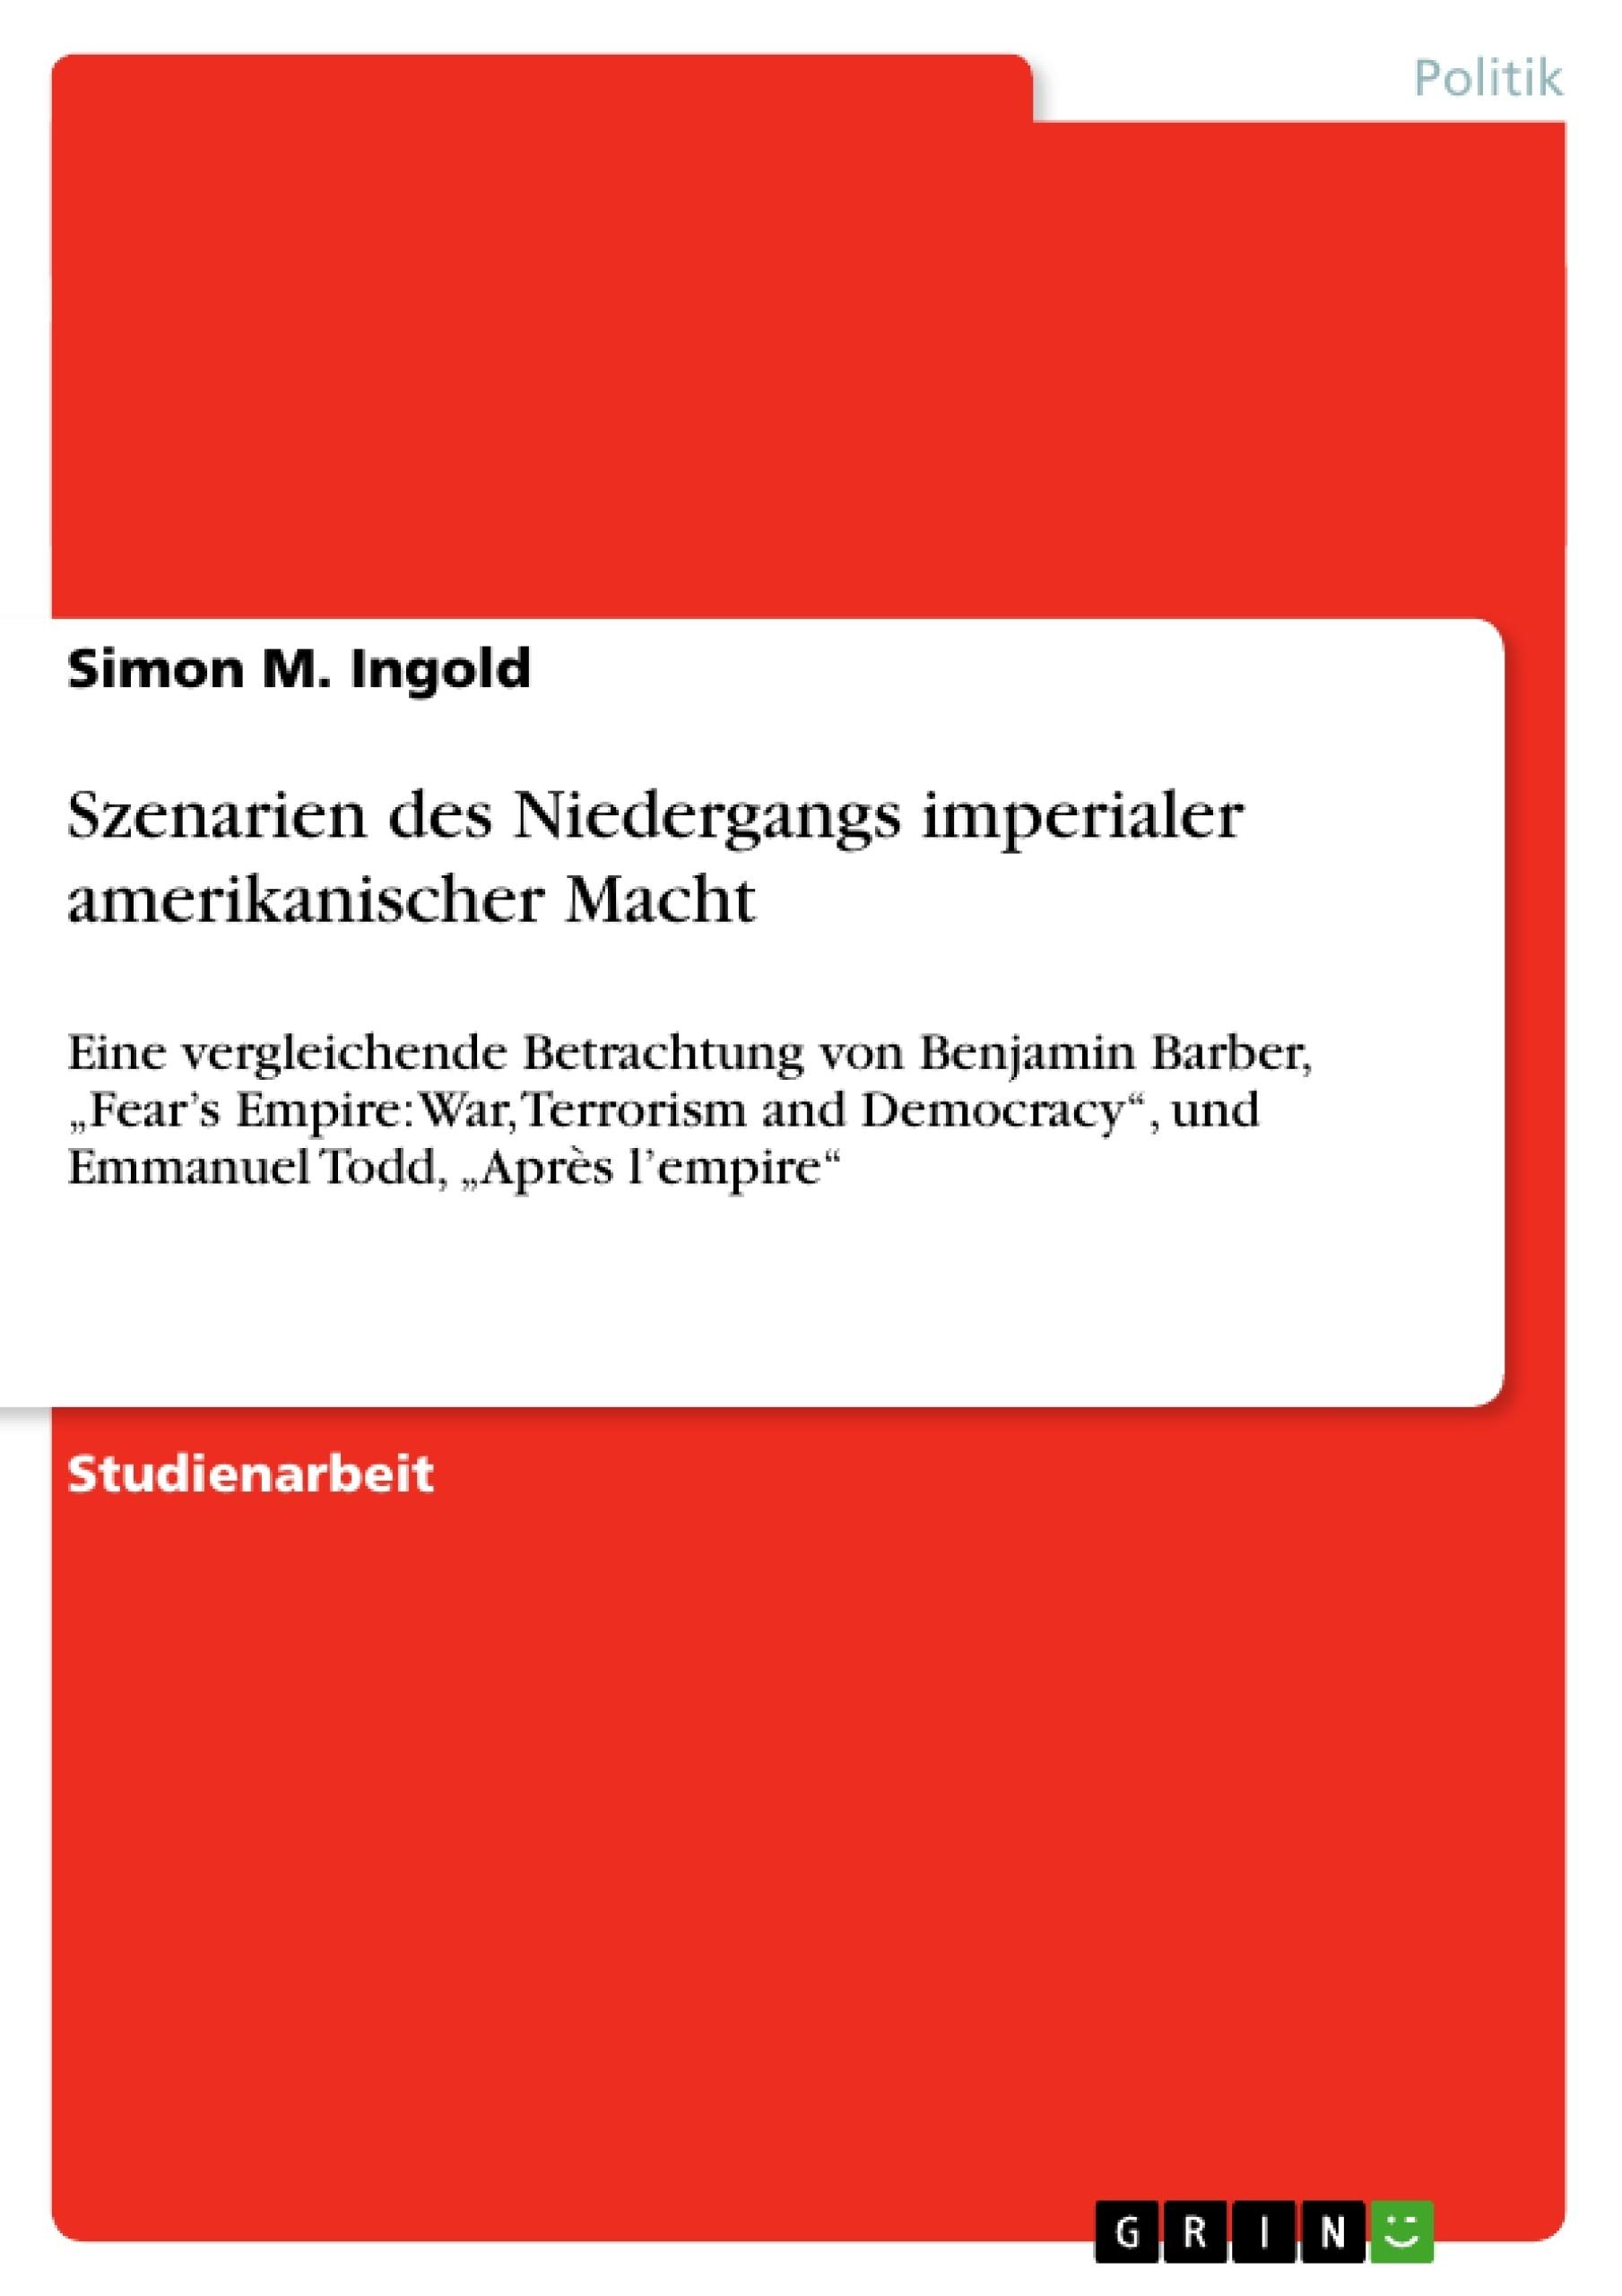 Titel: Szenarien des Niedergangs imperialer amerikanischer Macht